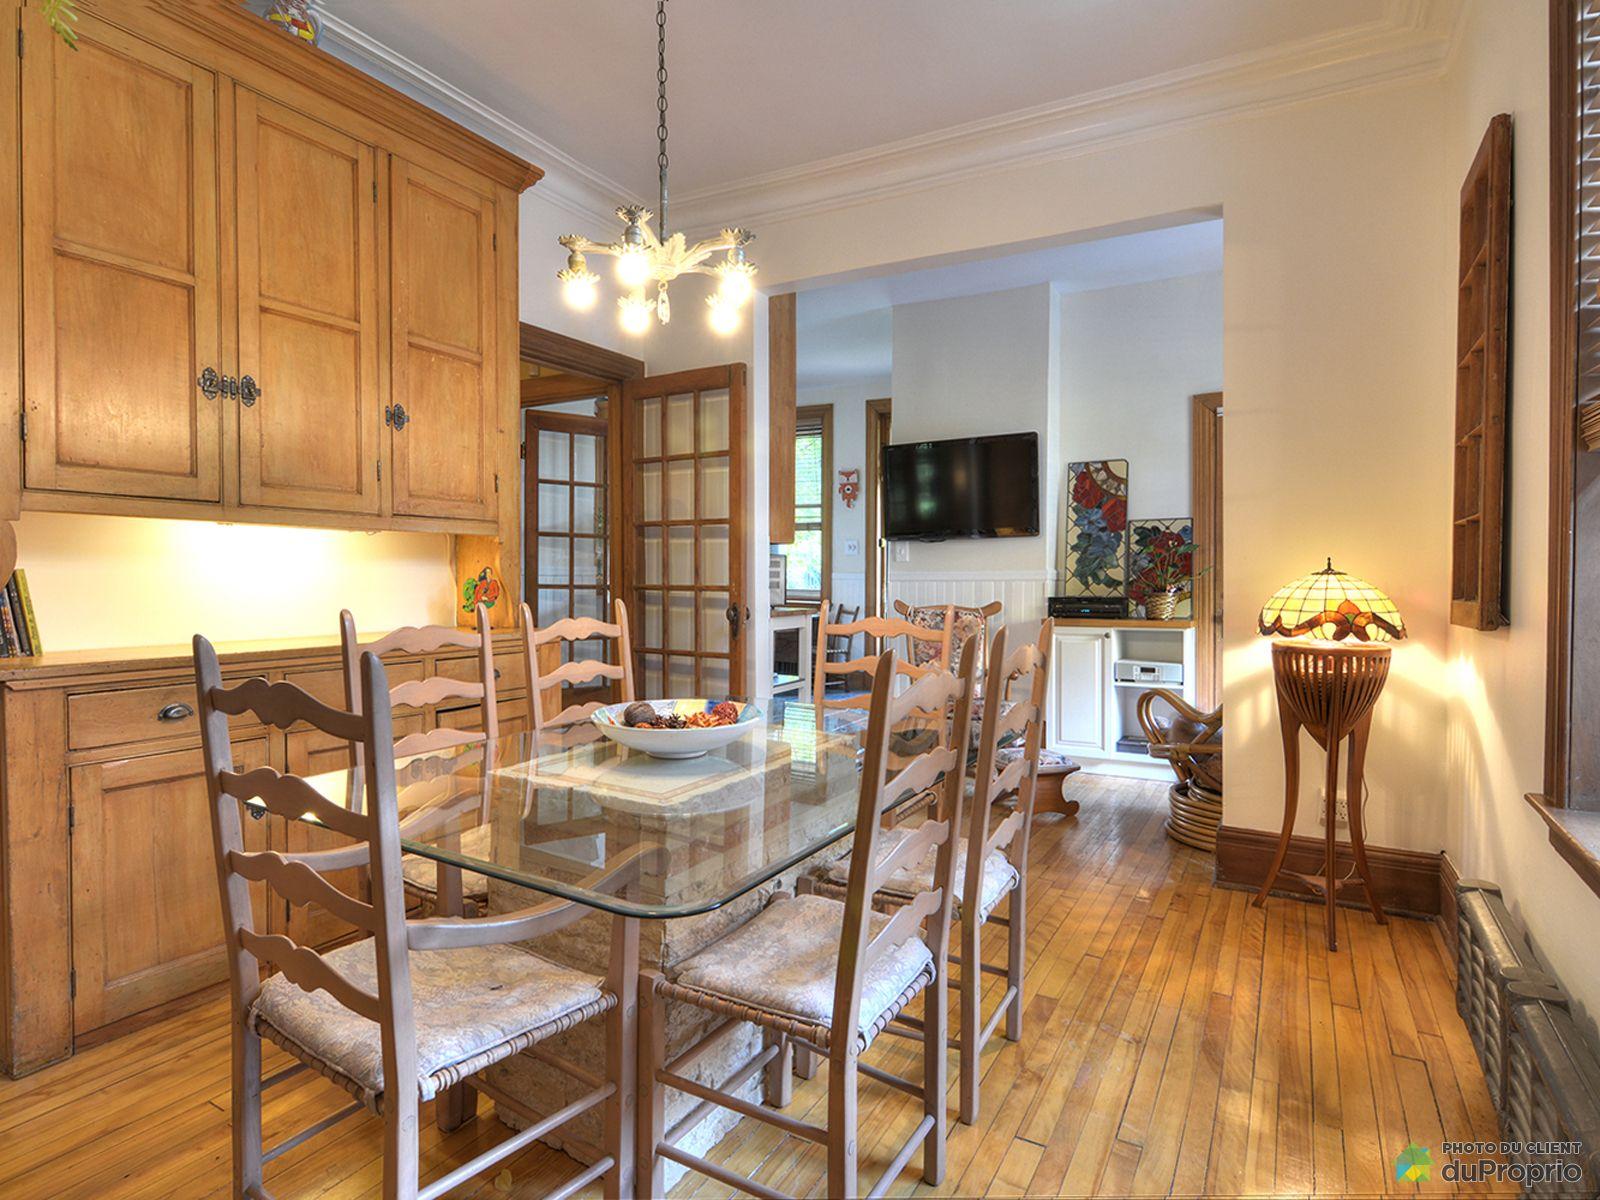 Salle à manger - 324, avenue Prince-Albert, Westmount à vendre